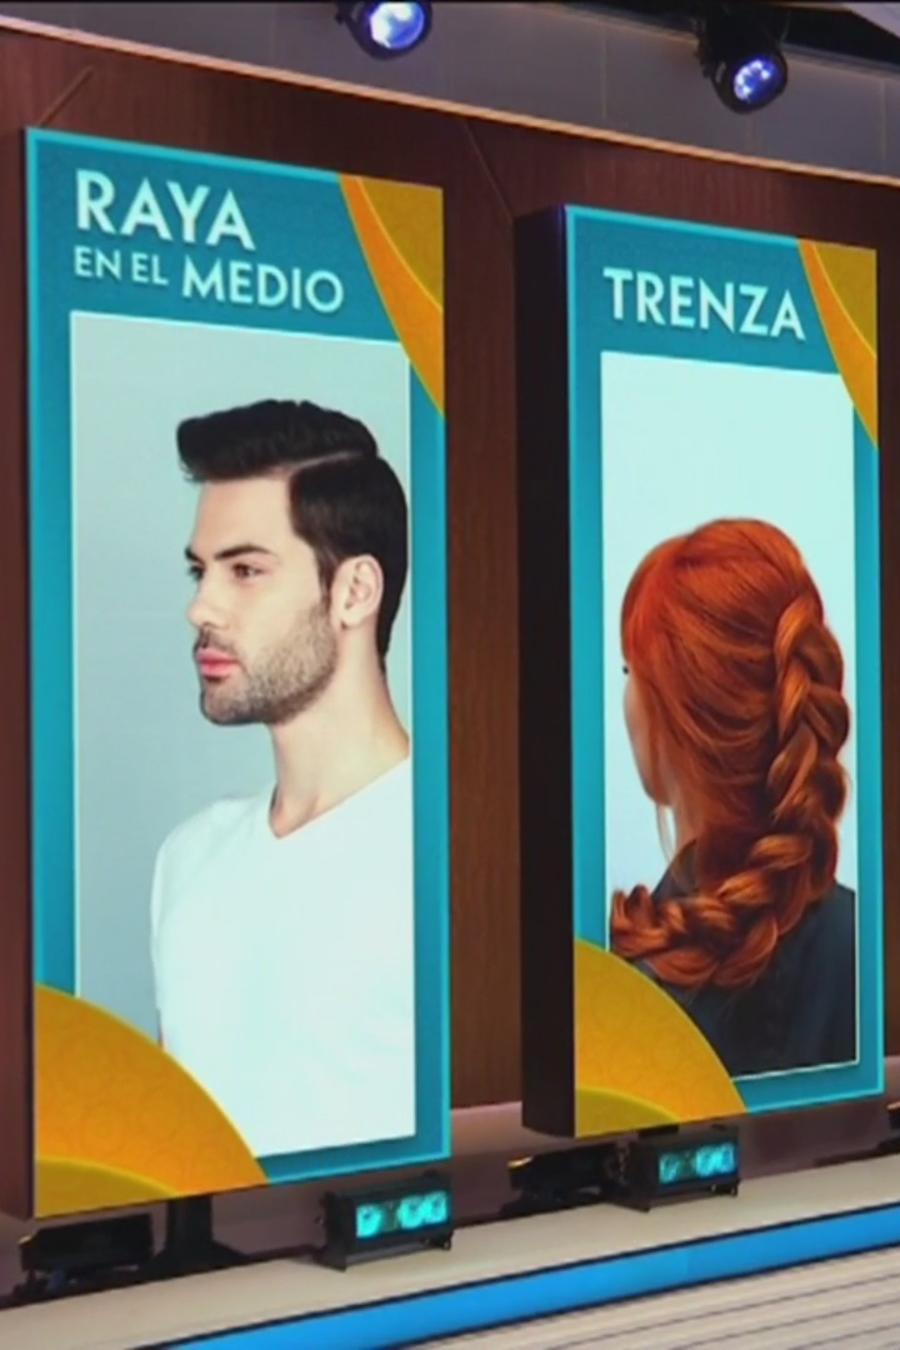 El cabello revela tu condición espiritual